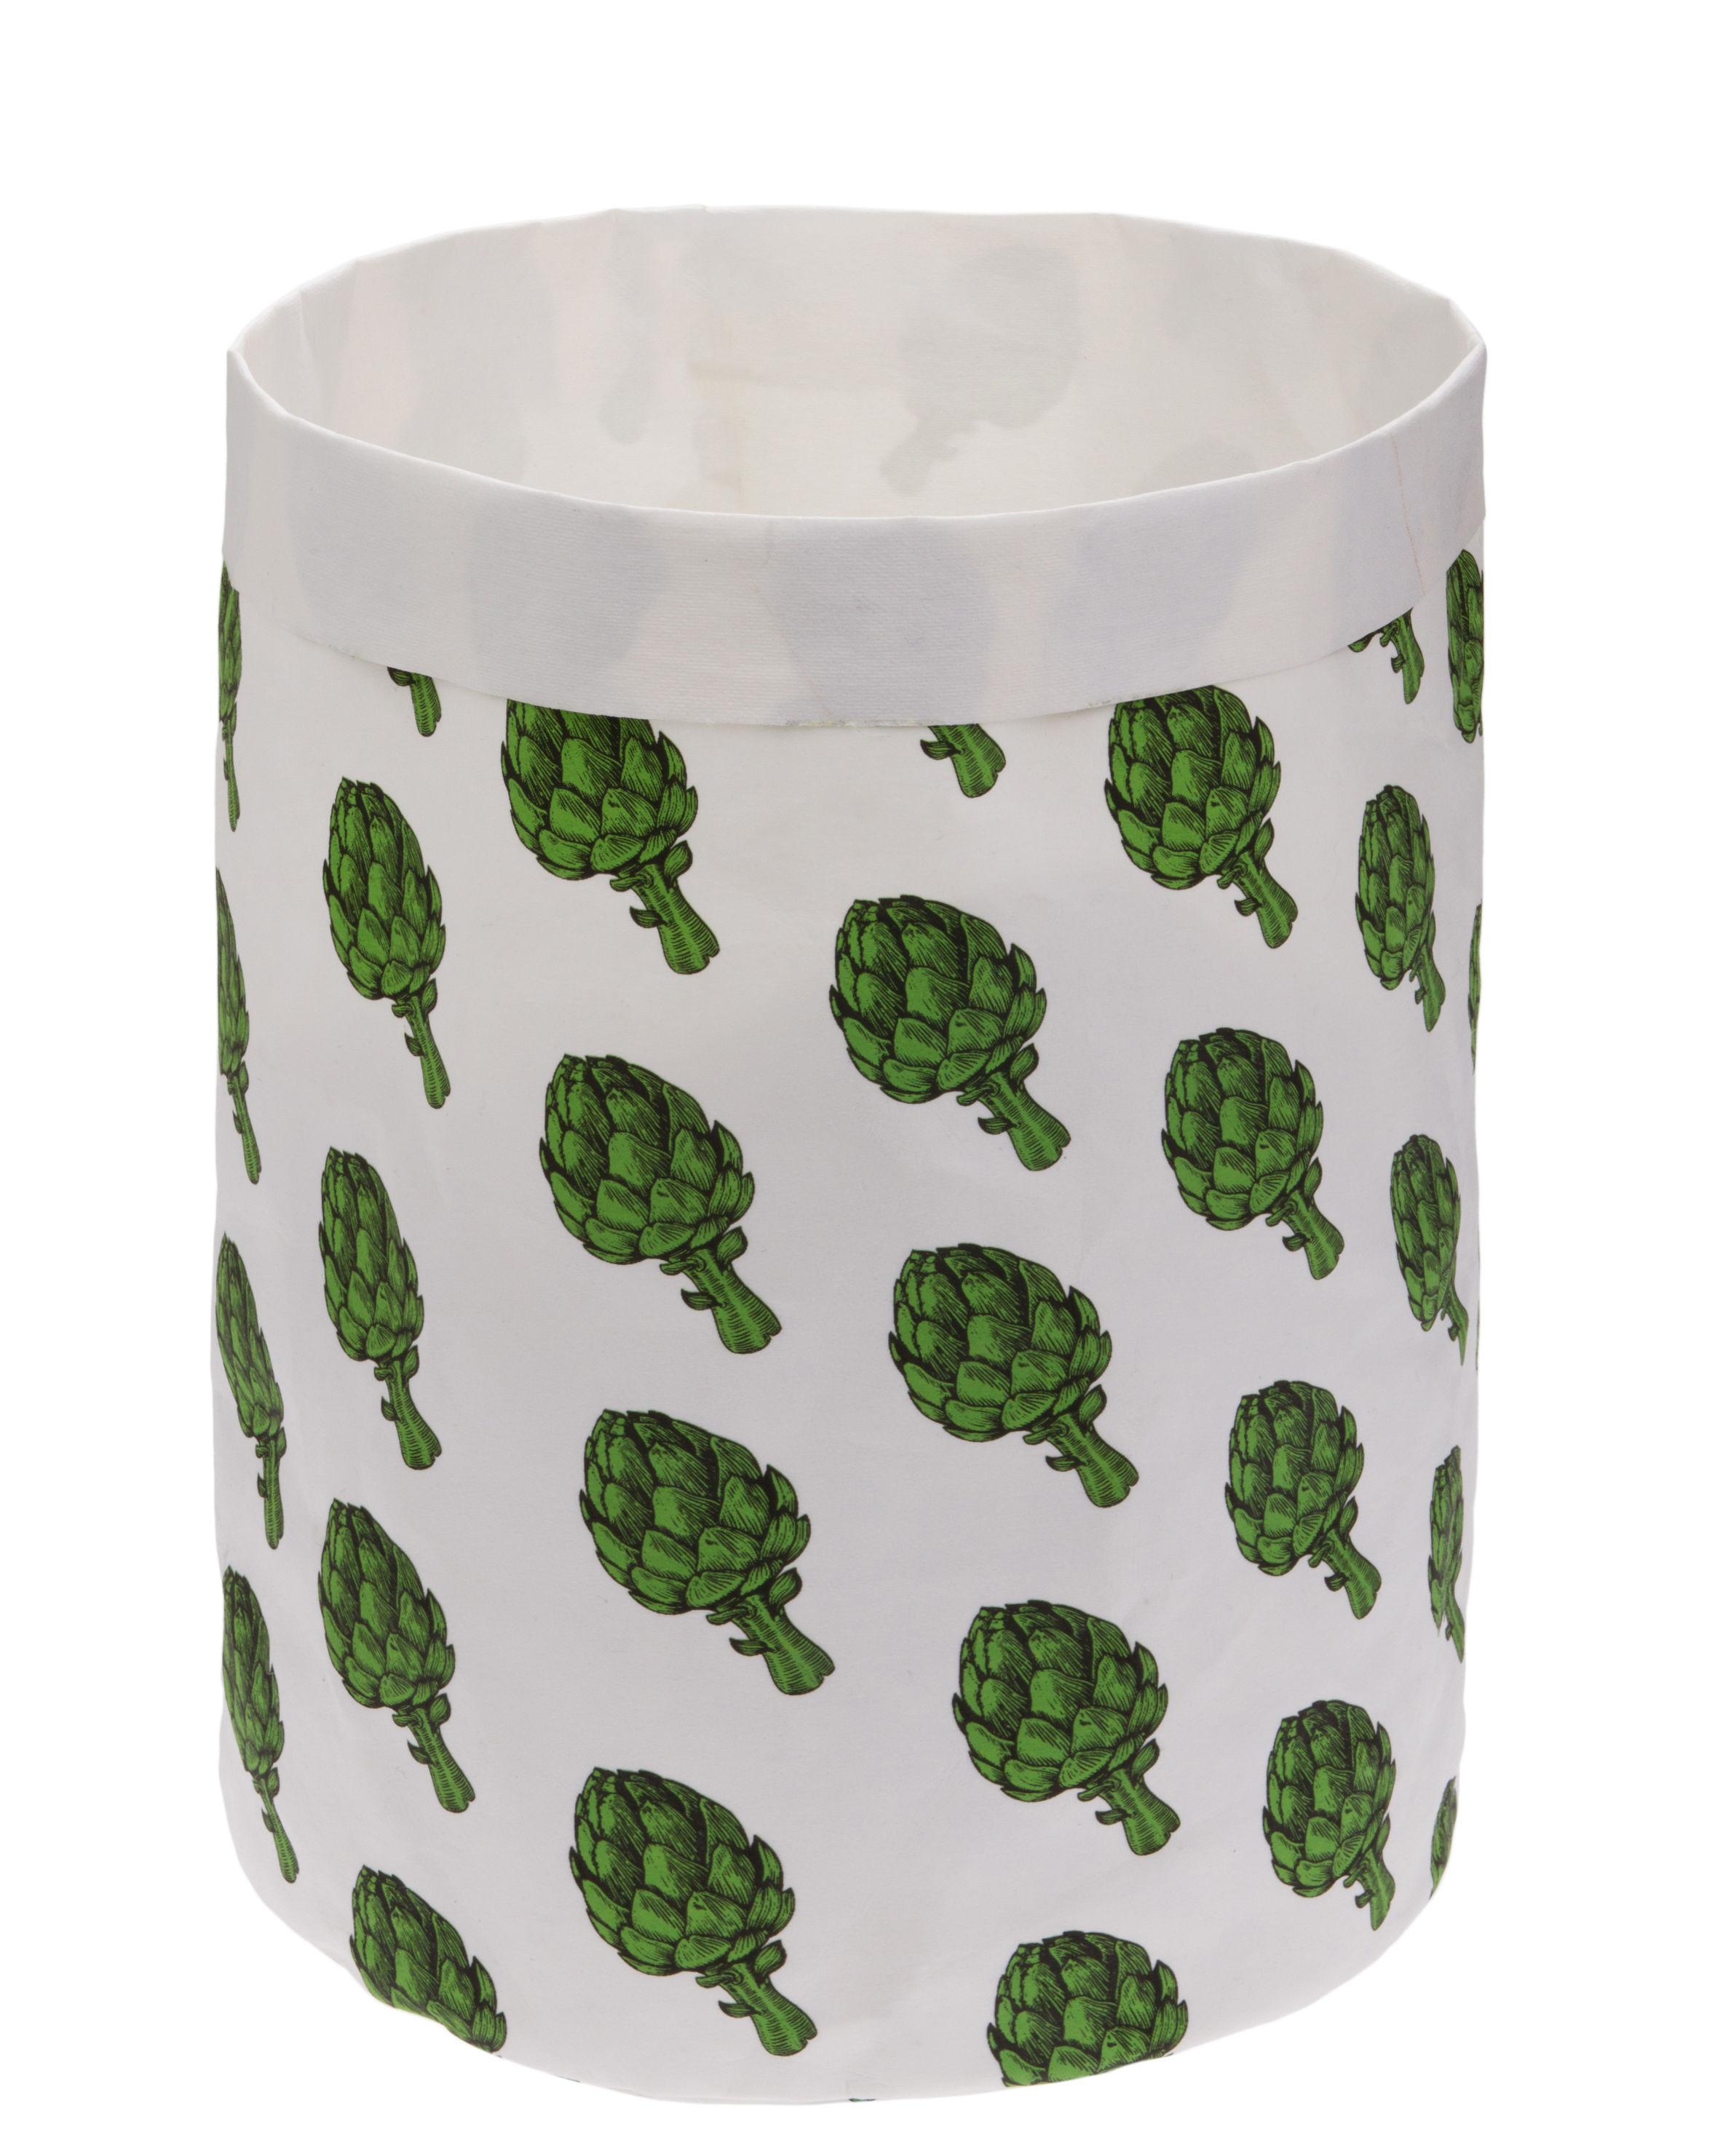 Déco - Corbeilles, centres de table, vide-poches - Corbeille Arti Show / Papier lavable - Ø 20 x H 30 cm - Gangzaï design - Artichauts - Papier kraft lavable